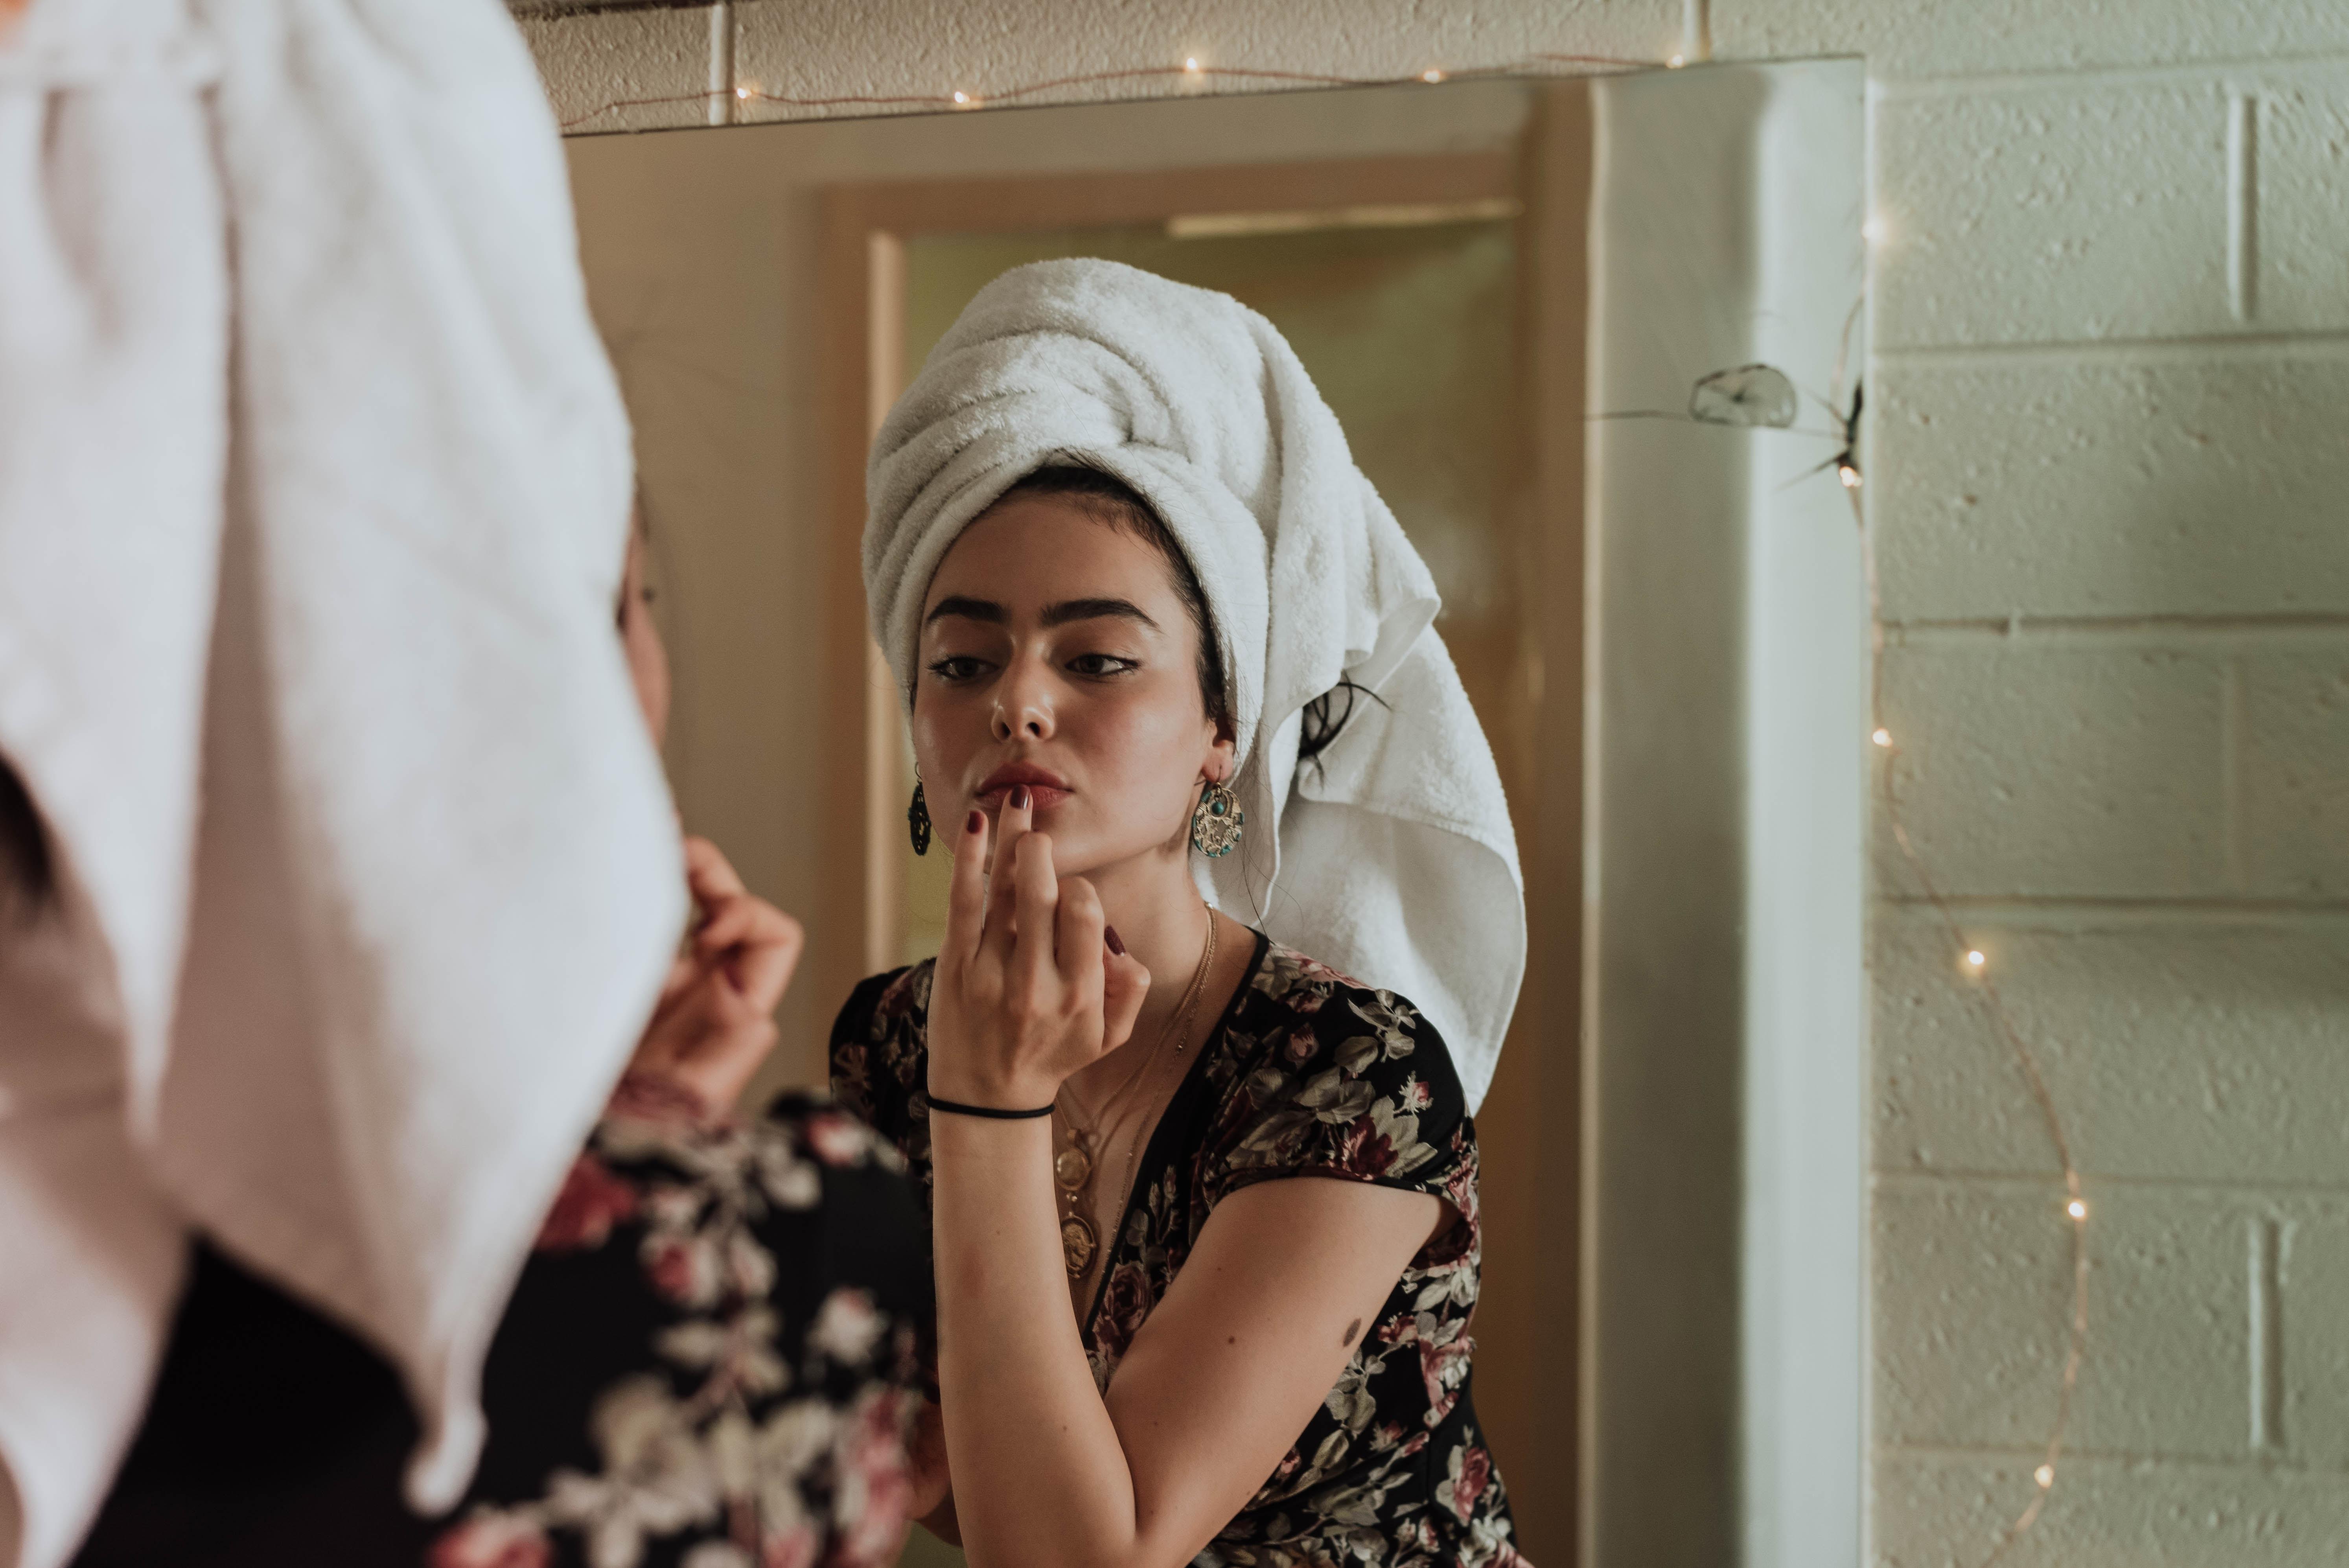 鏡をみて化粧をする女性